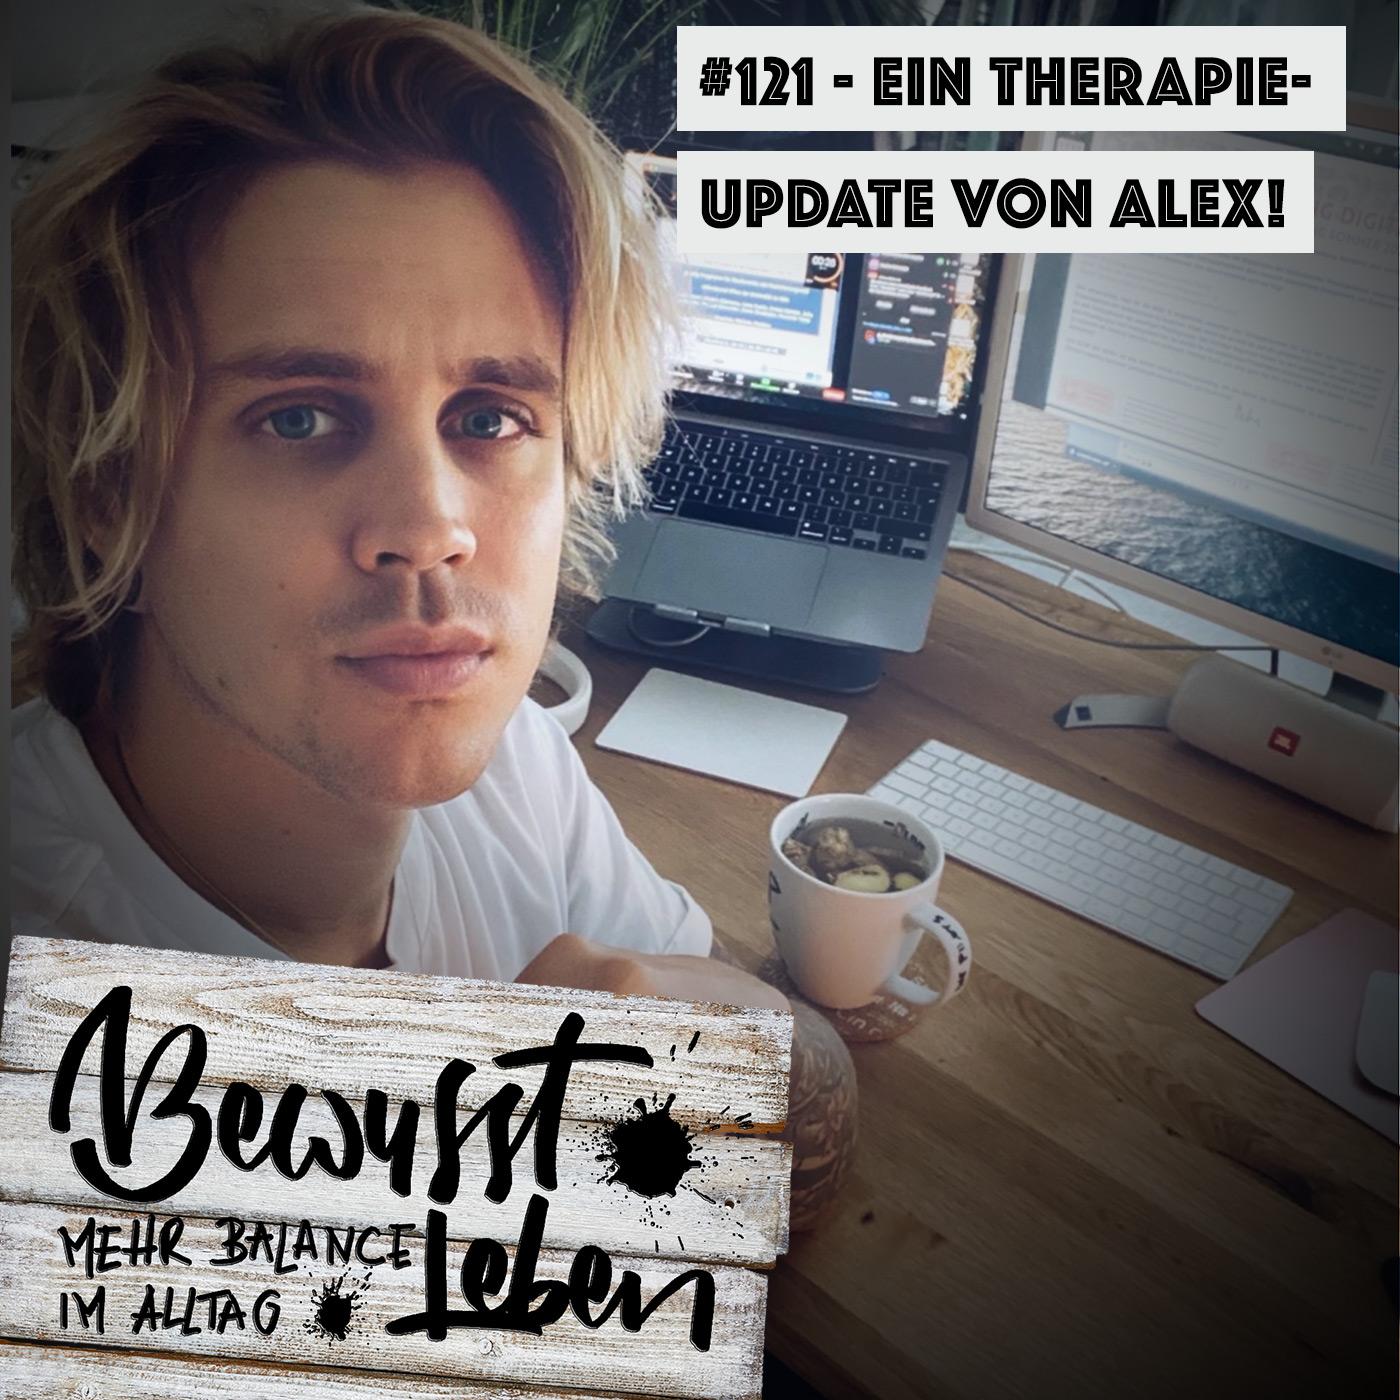 Ein Therapie-Update von Alex